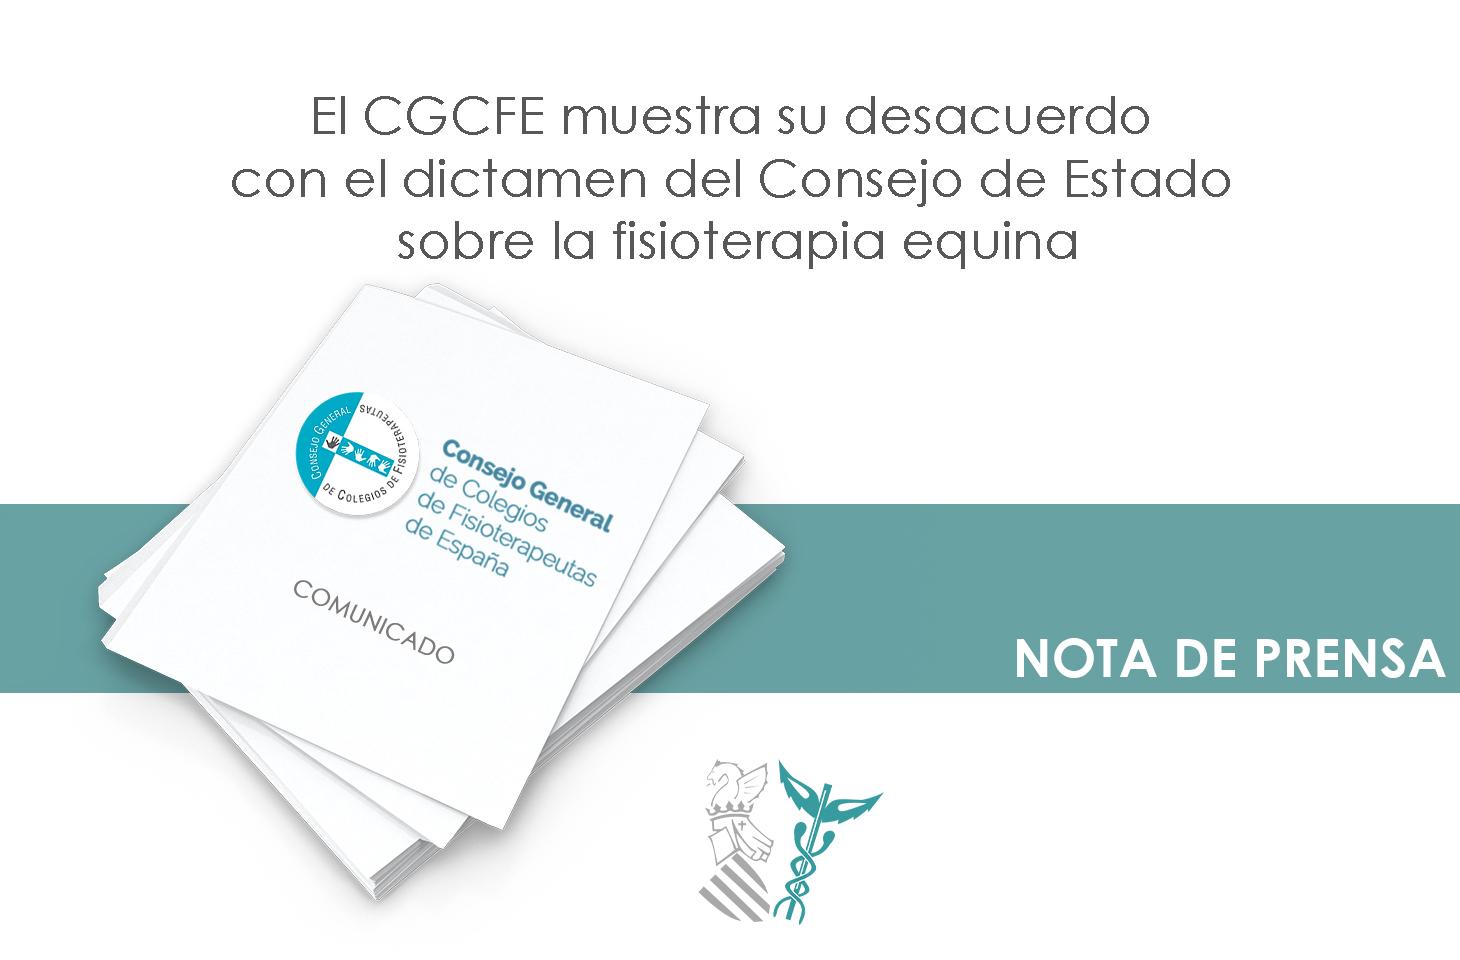 El CGCFE manifiesta su desacuerdo con el dictamen del Consejo de Estado sobre la fisioterapia equina que no entra en el fondo de la cuestión